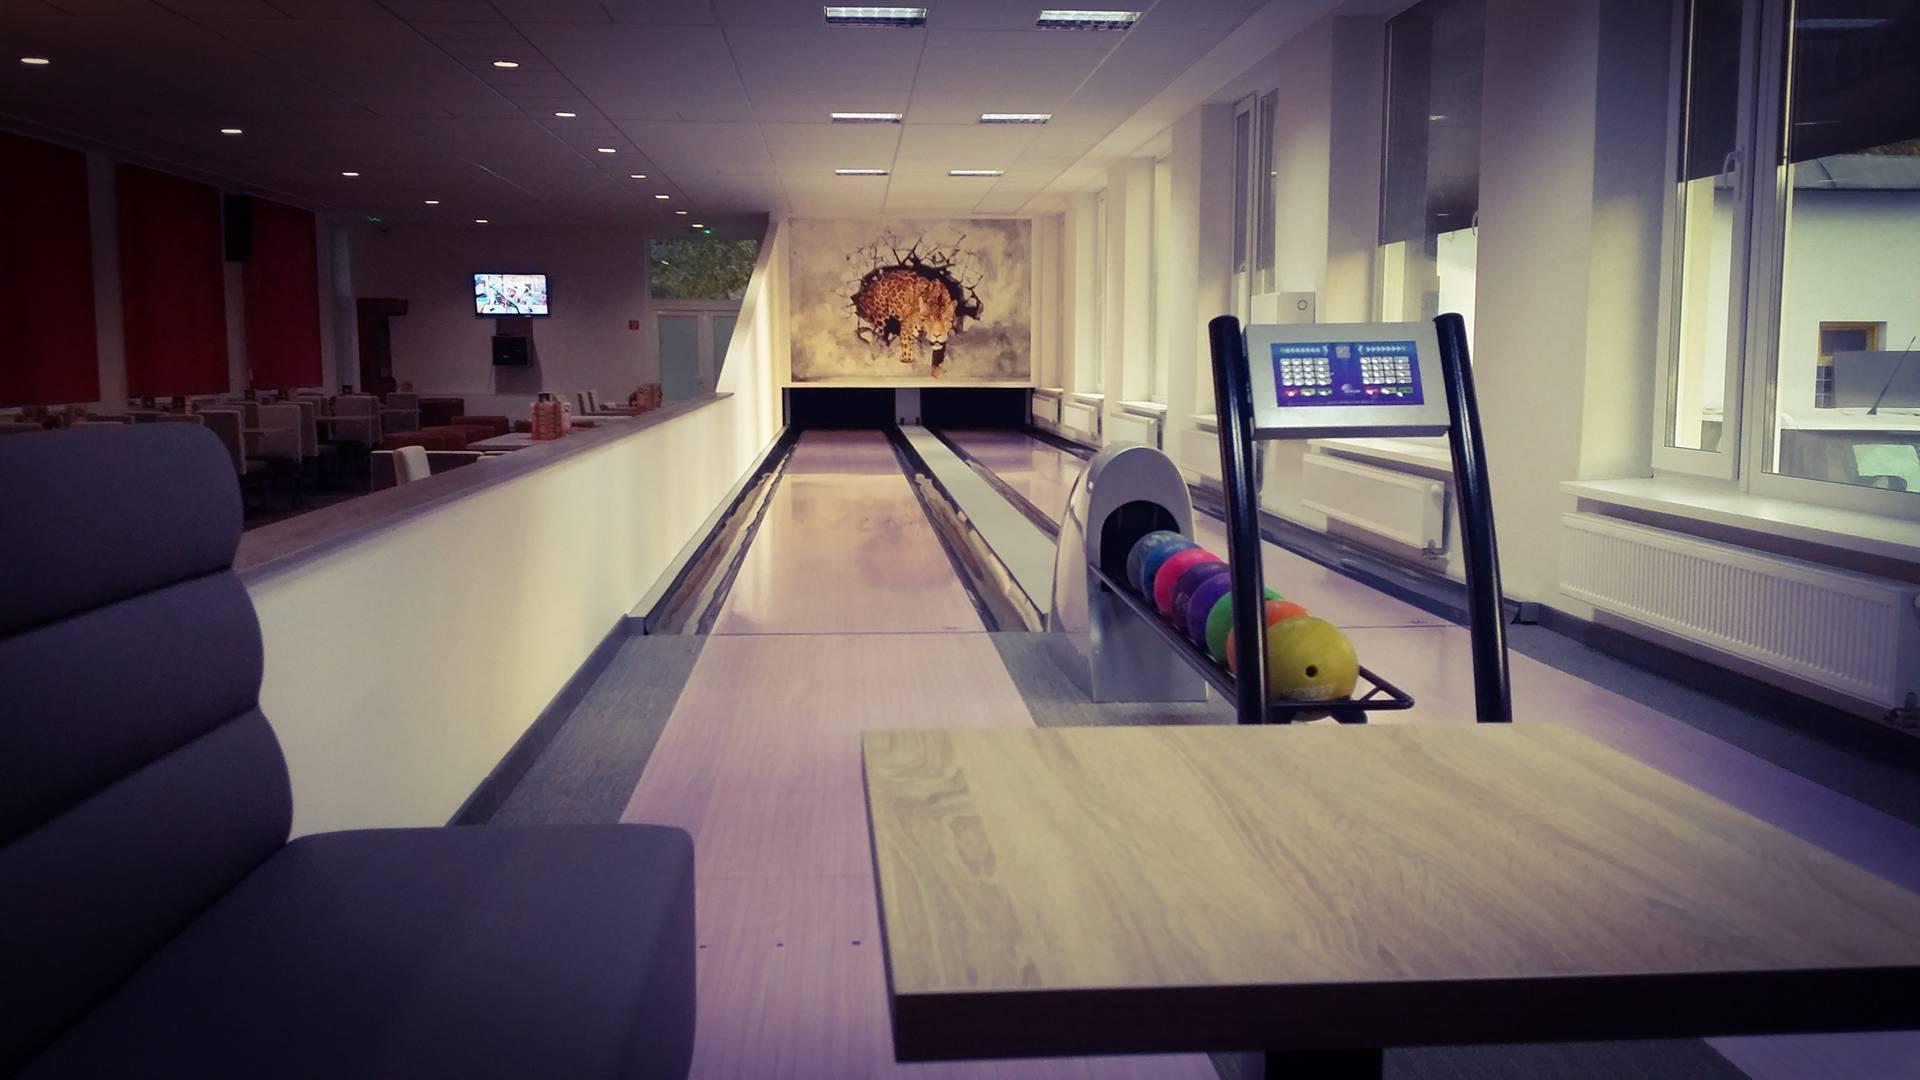 2009db80a7 Bowling Neónka Tovarníky - zábavné bo - Šport a relax